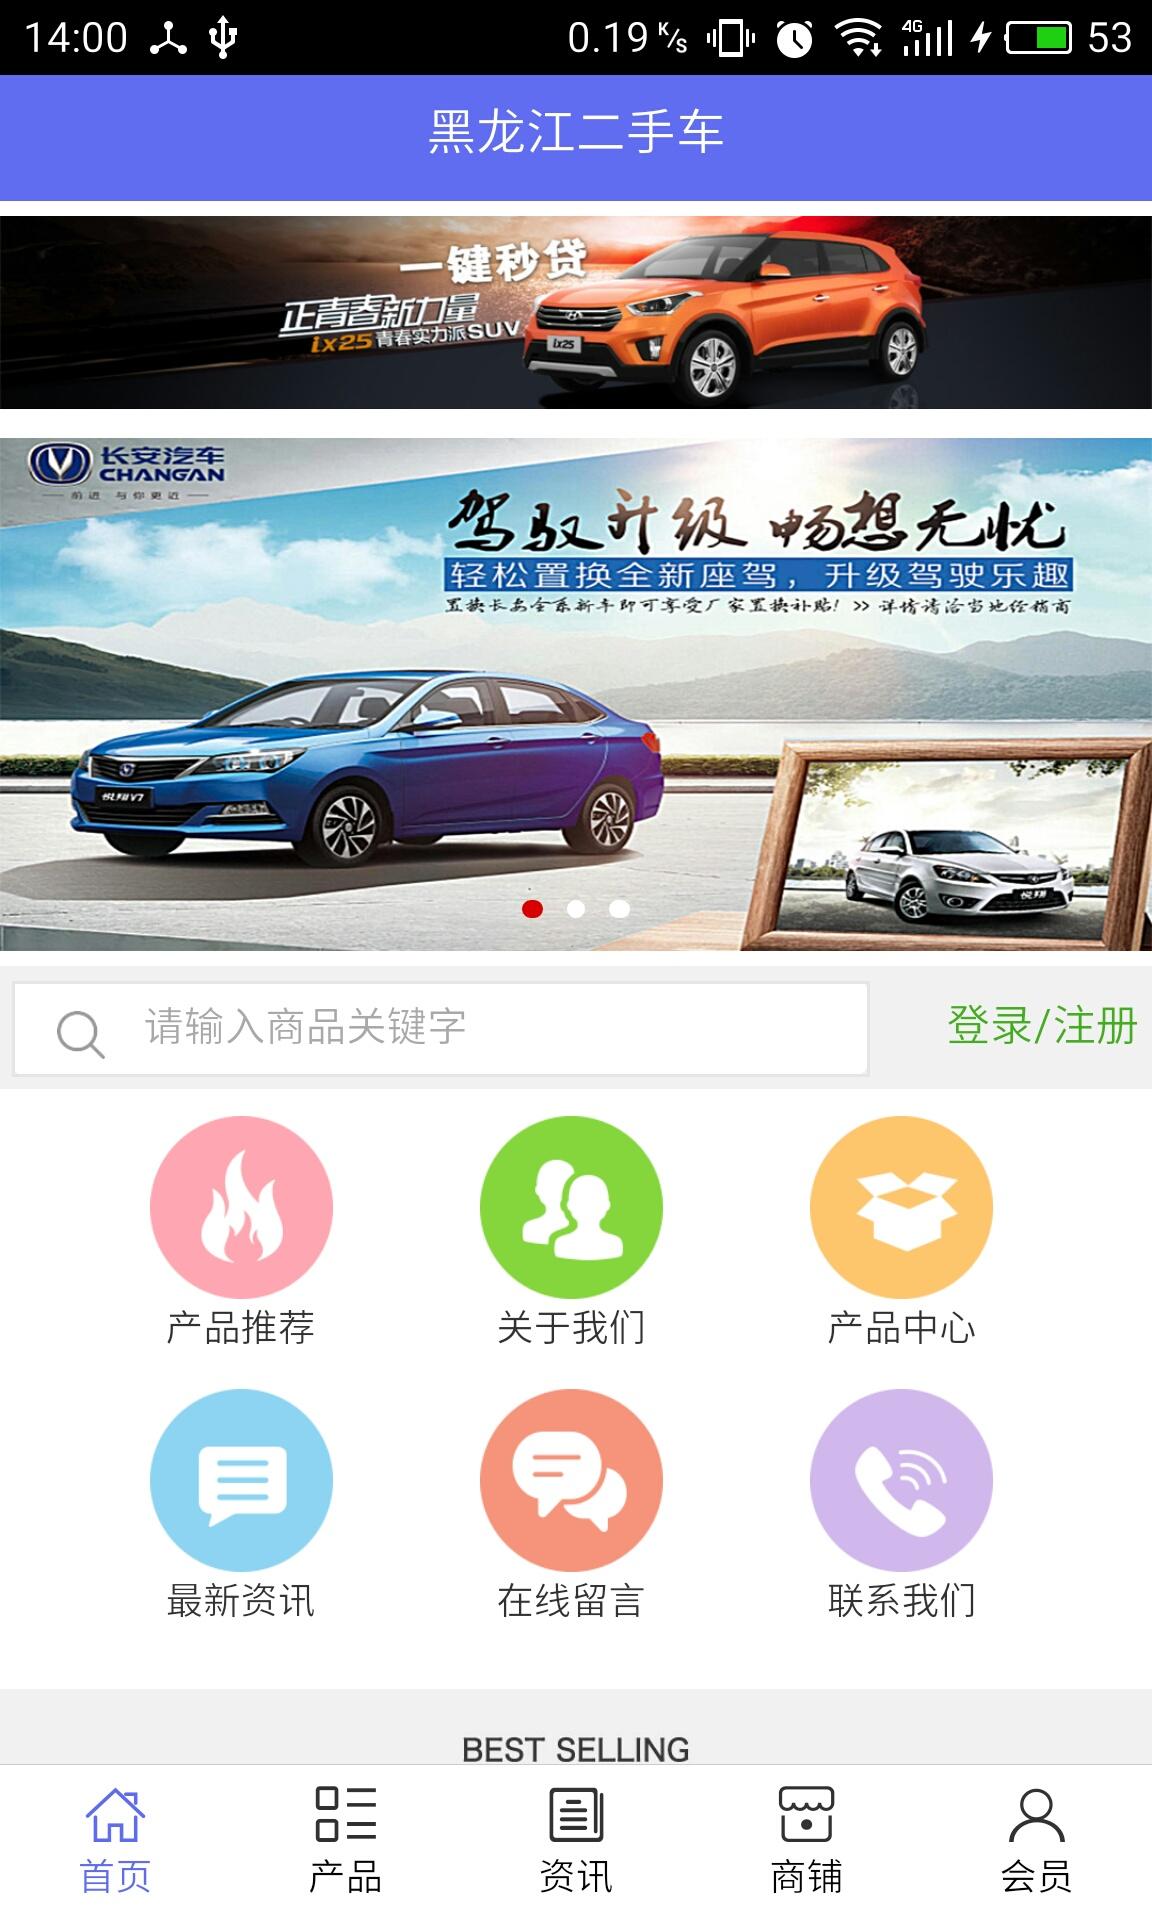 黑龙江二手车 v7.0.0 安卓版界面图1